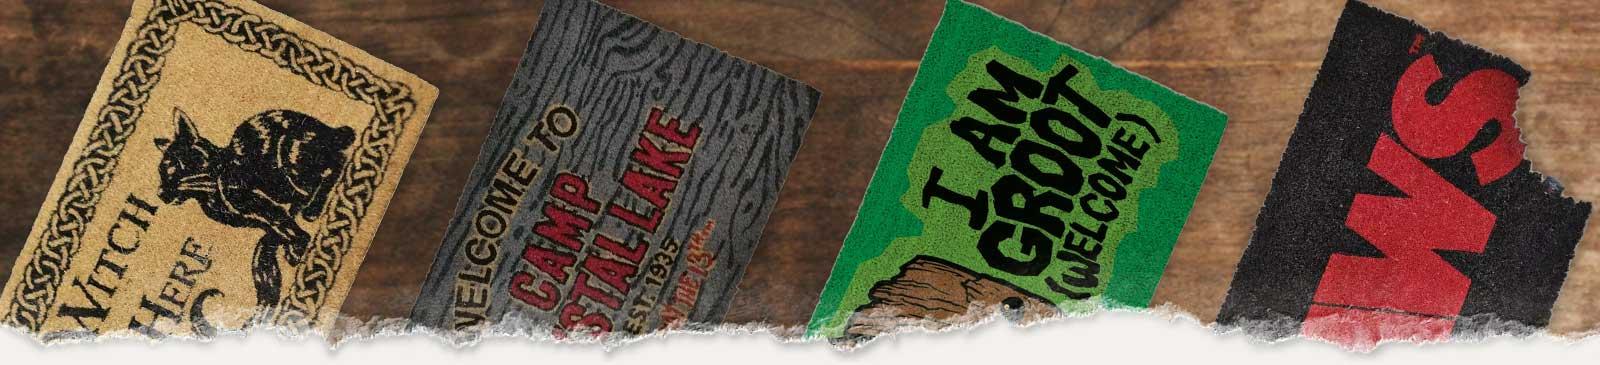 Horror Fußmatten & Gothic Teppiche